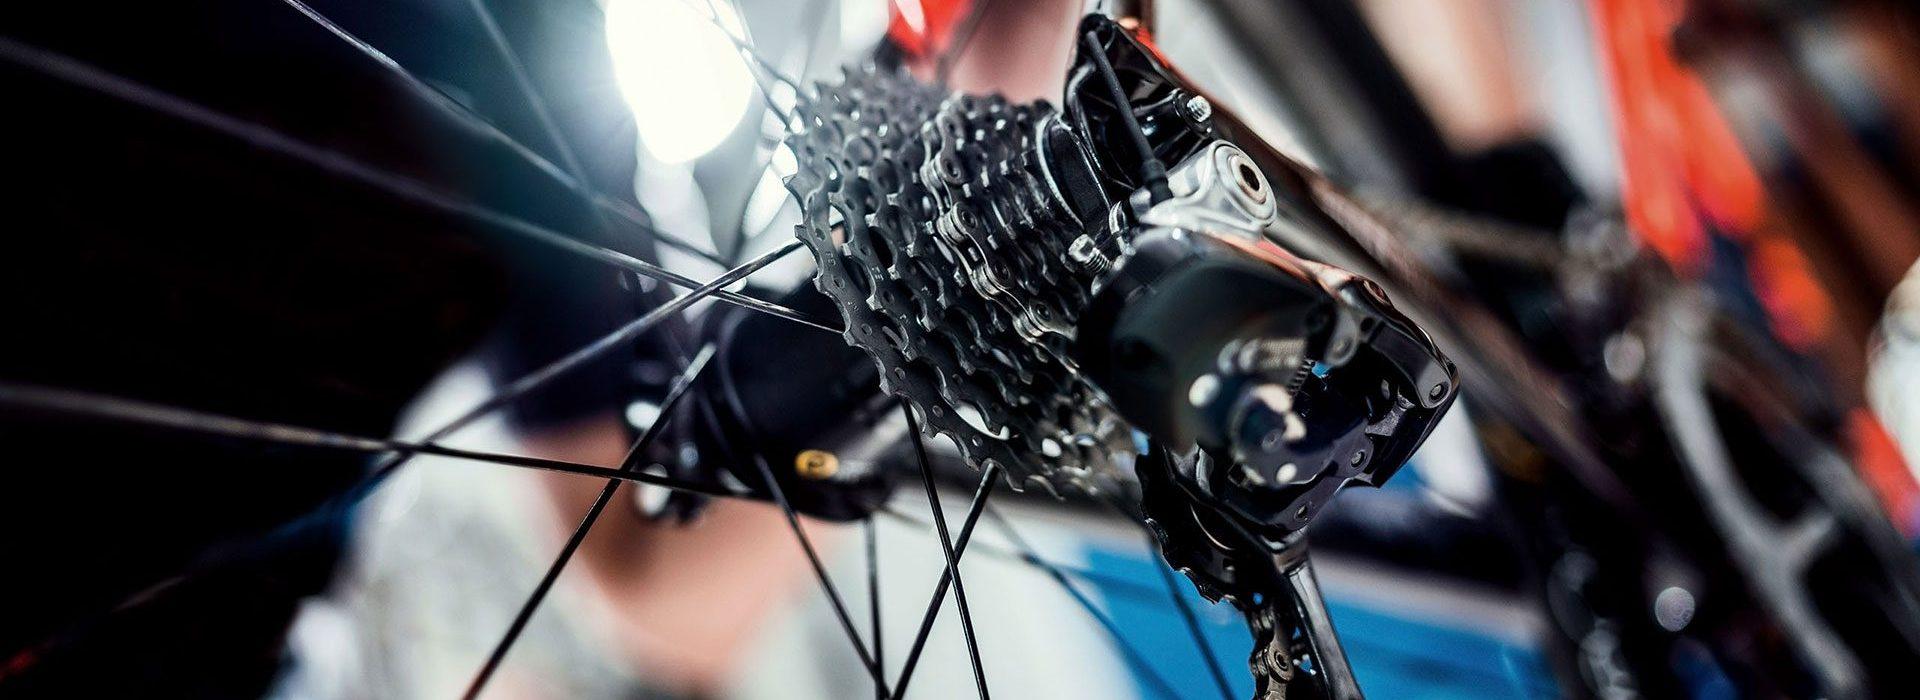 CINCO - Servis koles / Bicycle service